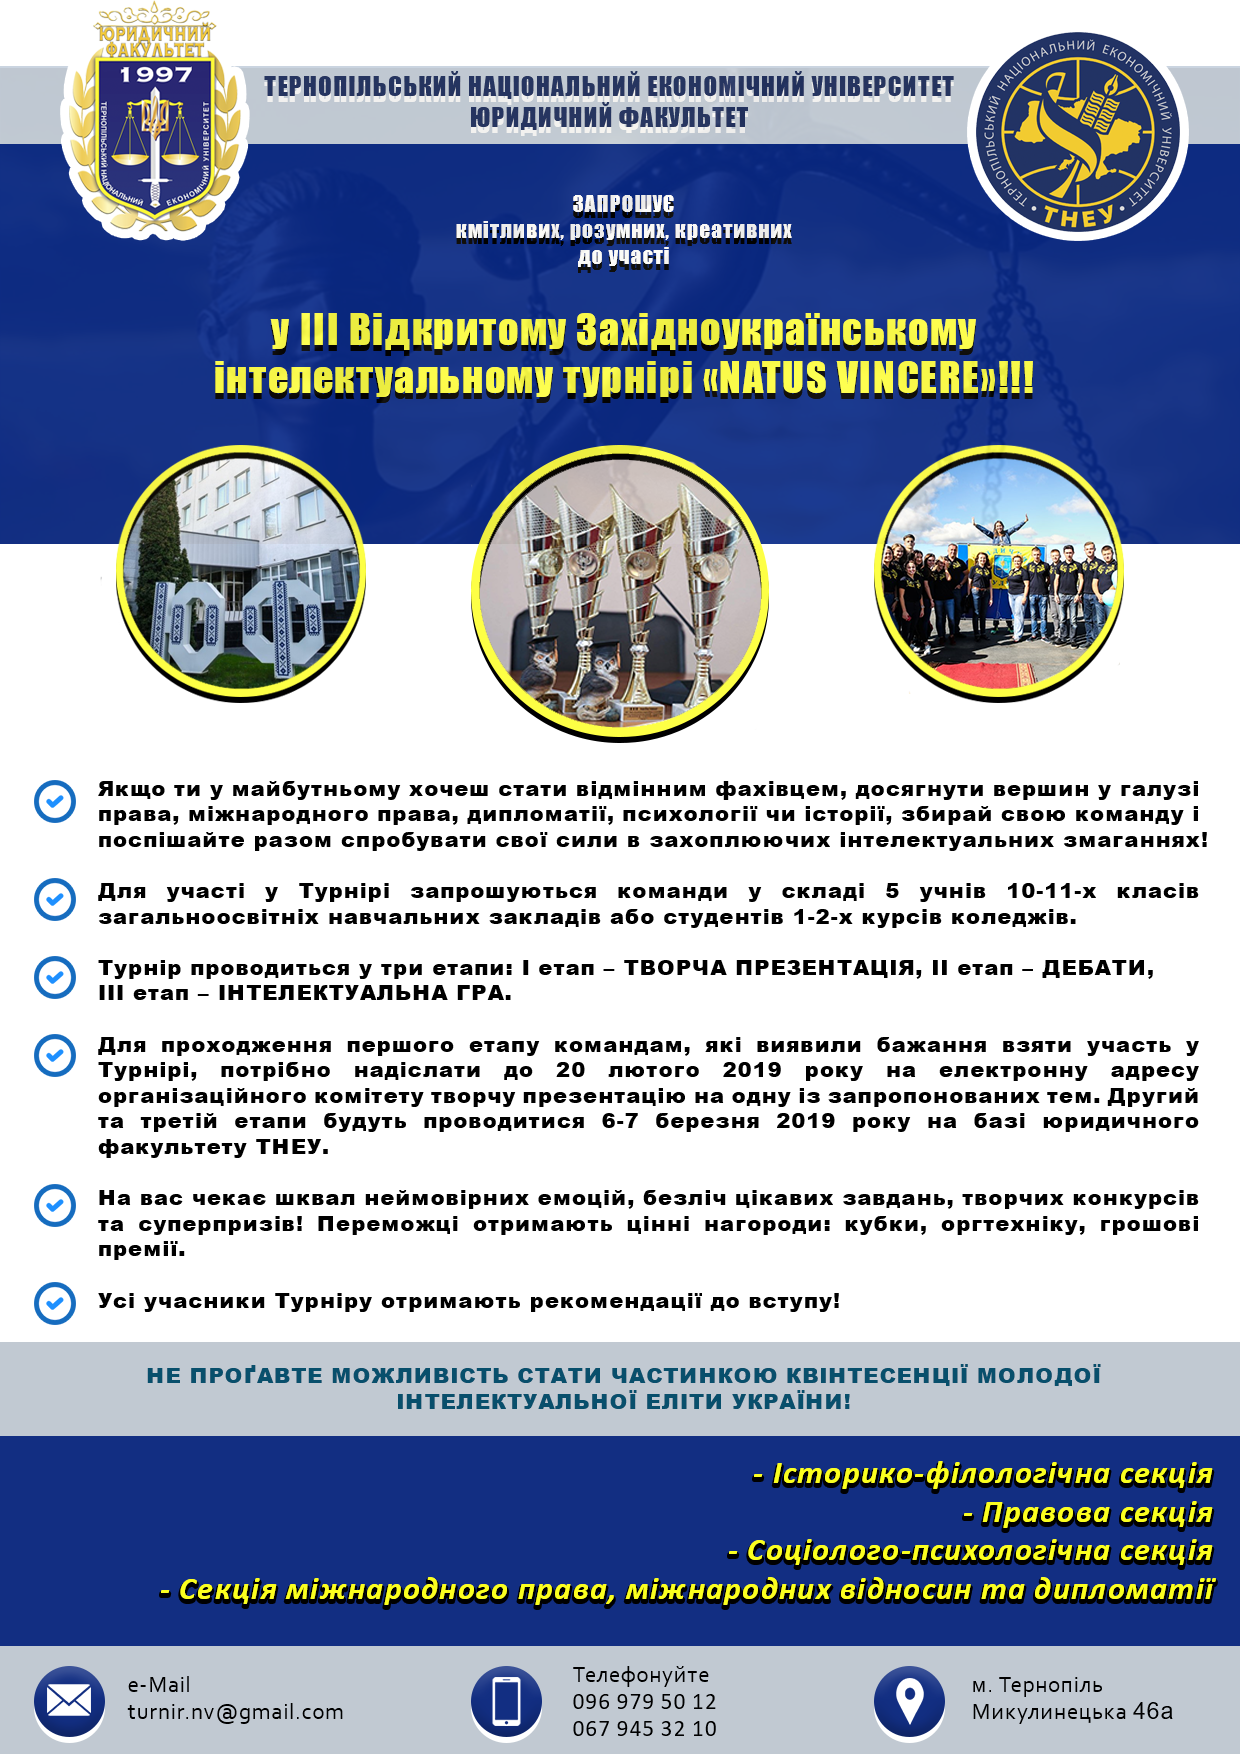 Запрошуємо до участі у ІІІ Відкритому Західноукраїнському інтелектуальному  турнірі «NATUS VINCERE» b3778de5b76bb